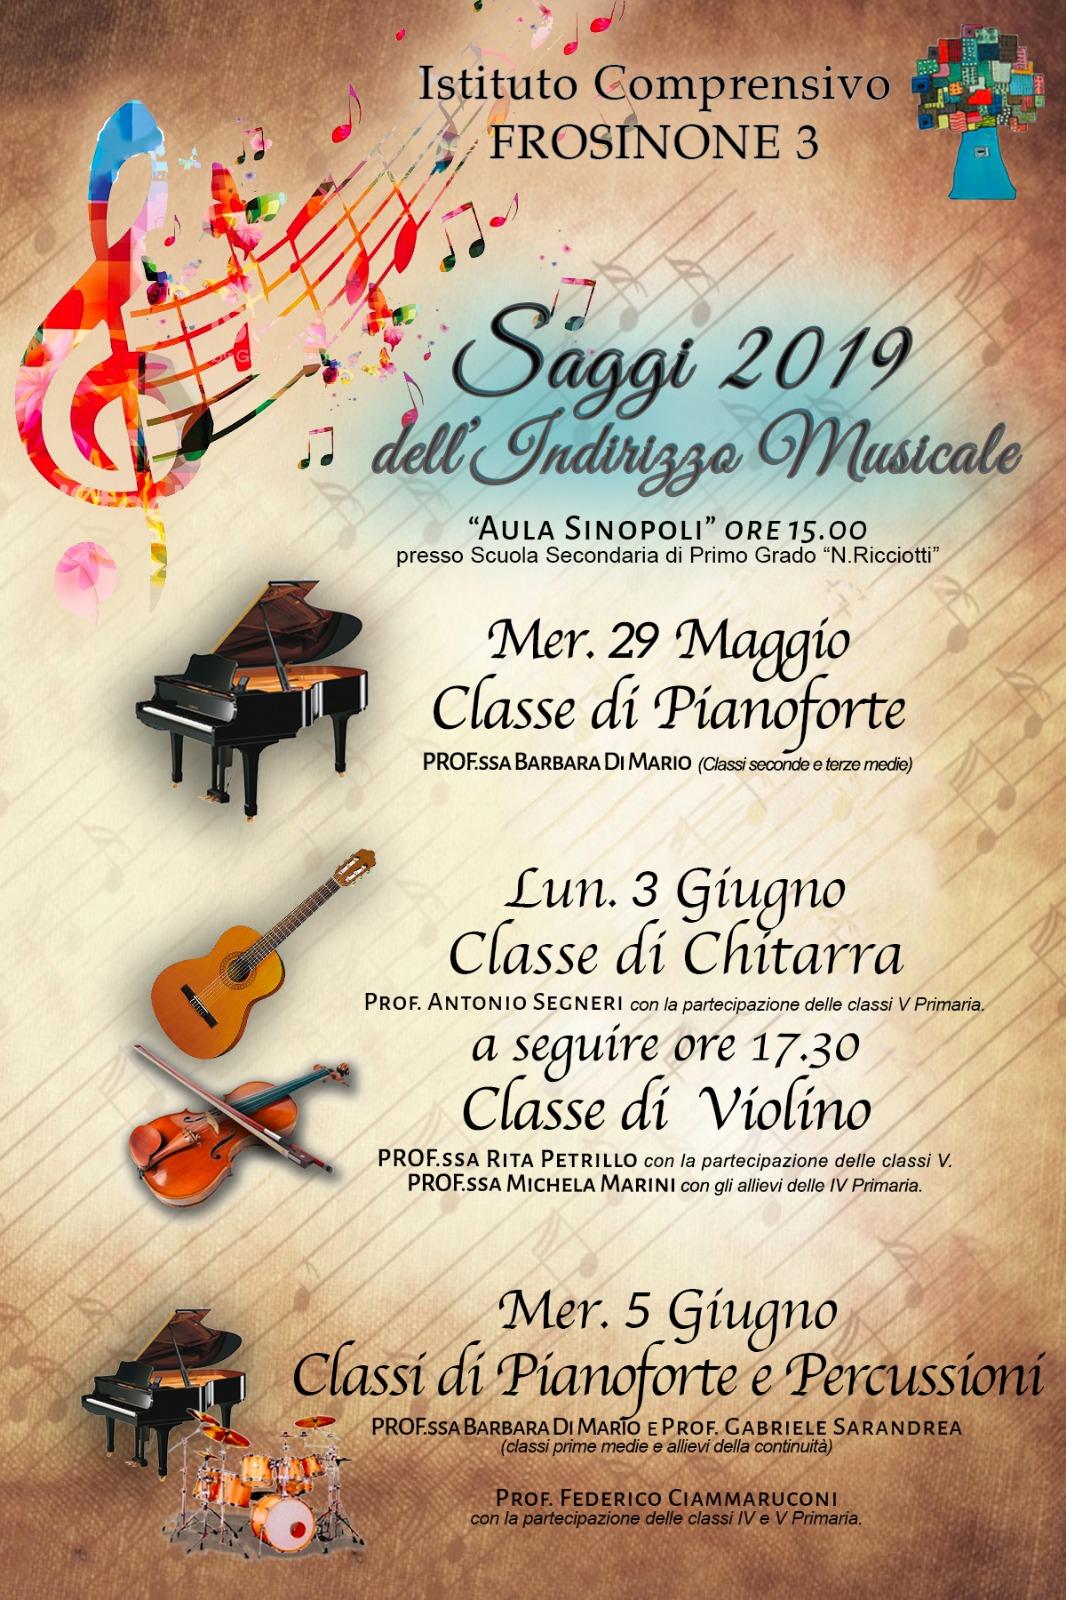 Saggi-Indirizzo-Musicale-A.S.2018/19